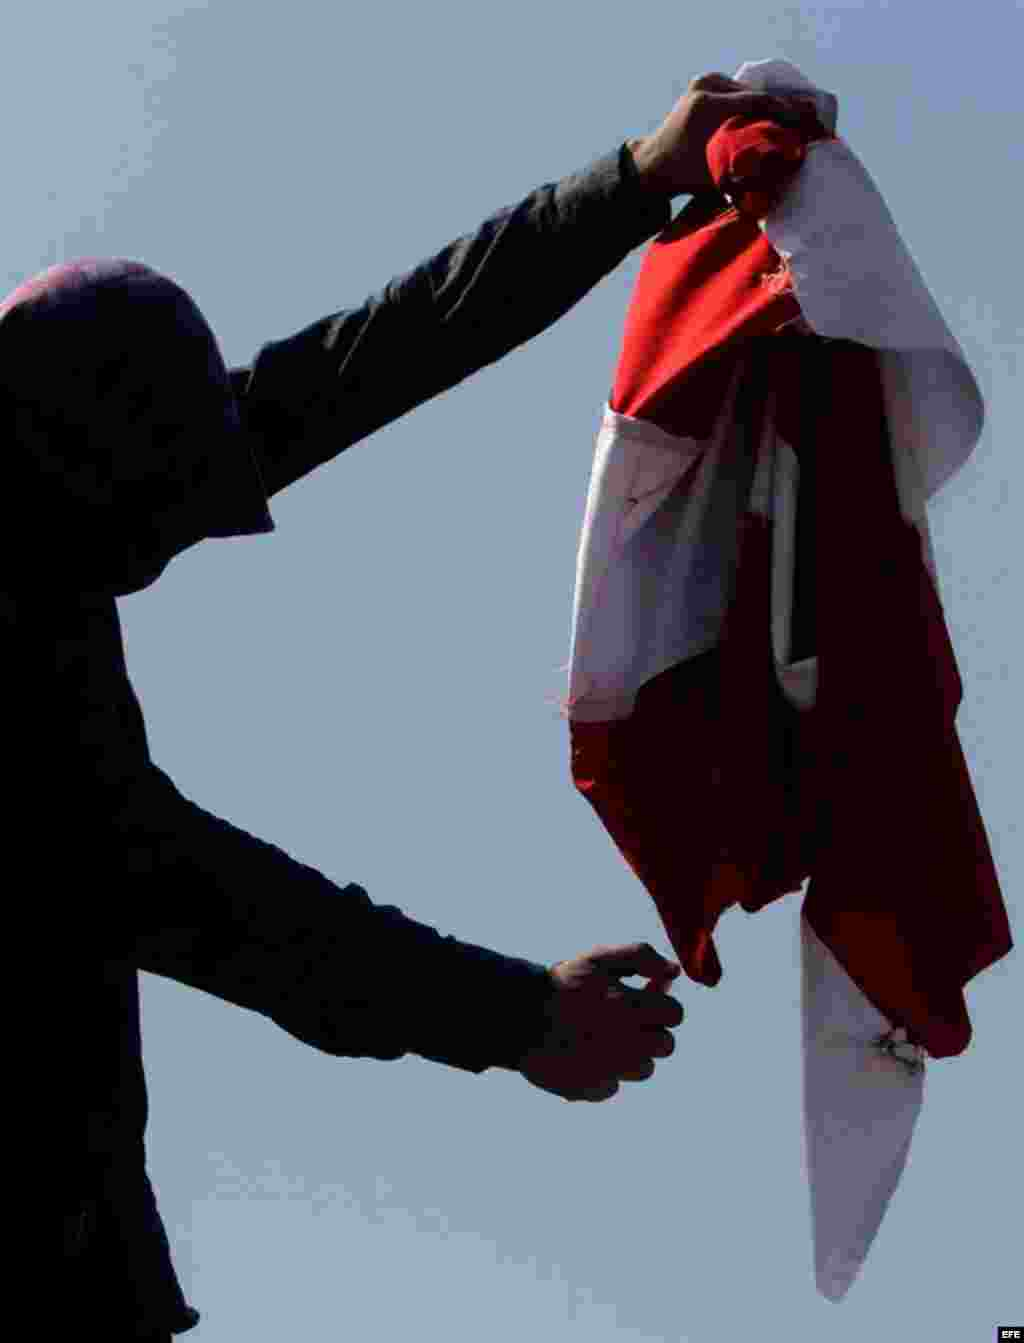 Un manifestante quema una bandera estadounidense durante una protesta en contra de Estados Unidos por un vídeo ofensivo contra el profeta Mahoma hoy, viernes 14 de septiembre de 2012 en Srinagar, capital de verano de la cachemira india.